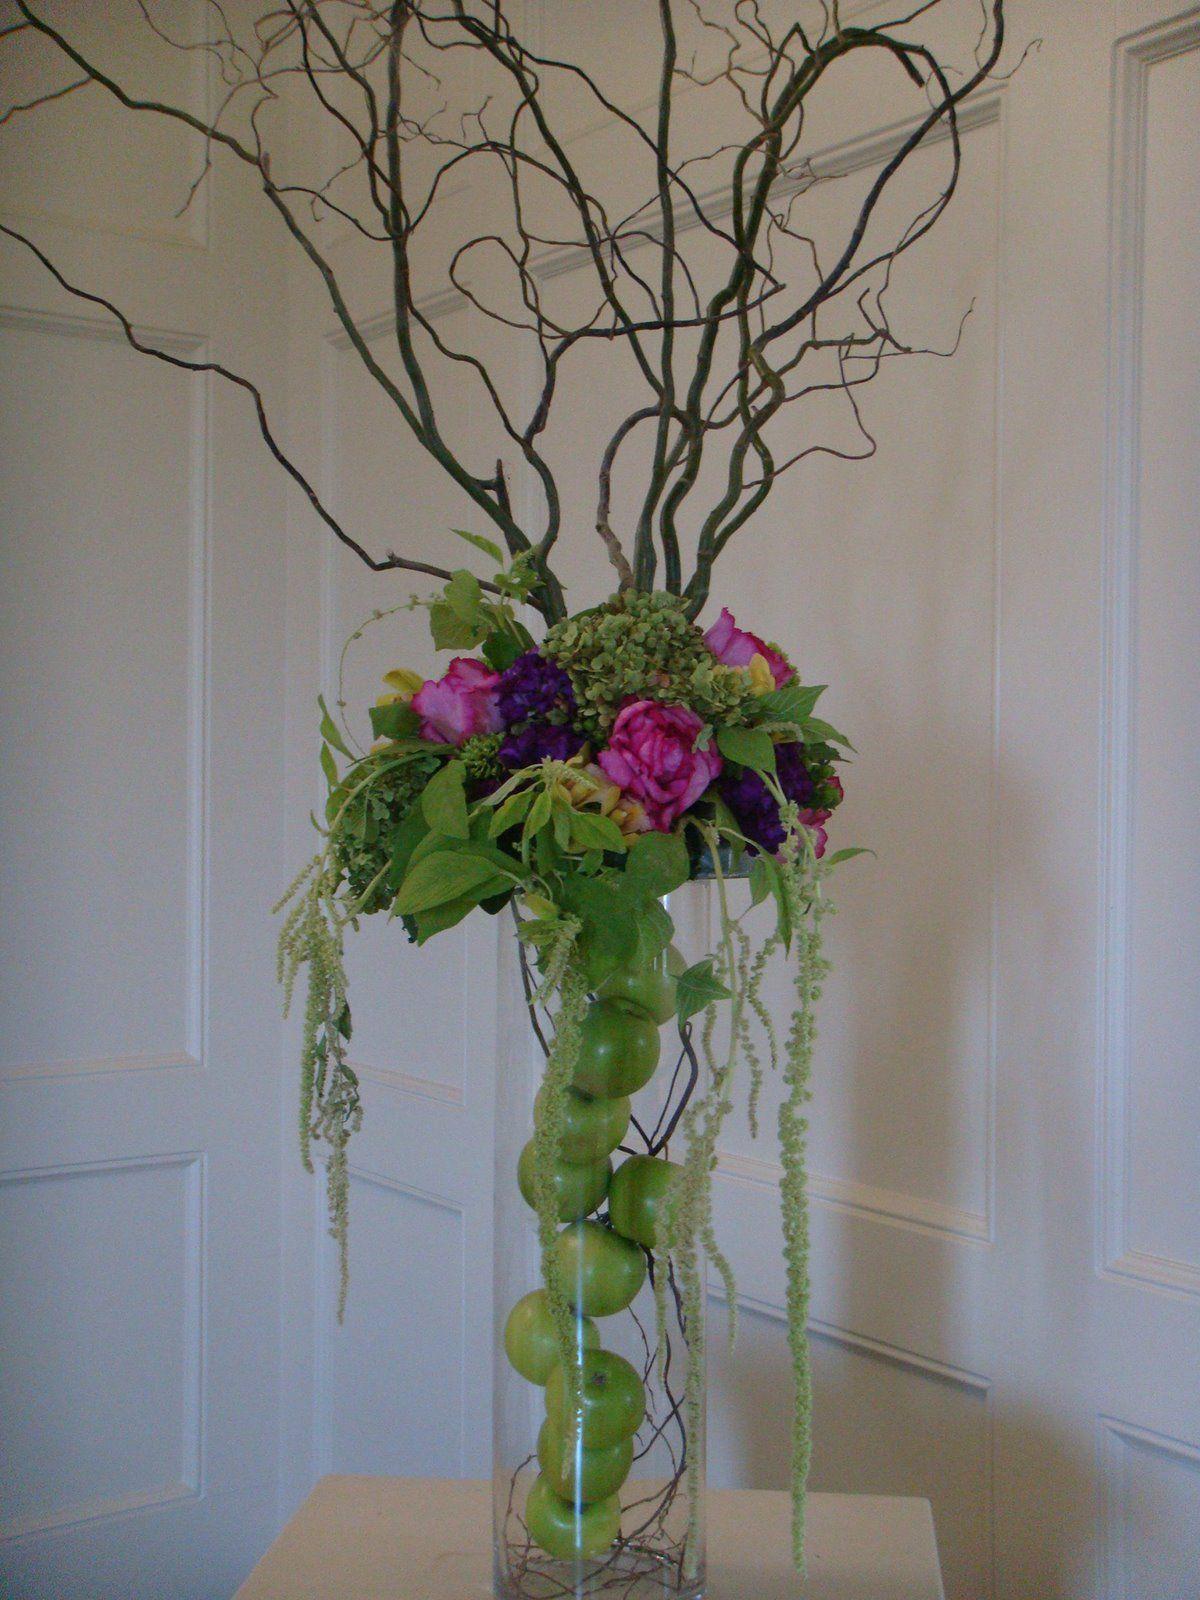 Green apple arrangement flower arrangements pinterest for Floral arrangements with branches